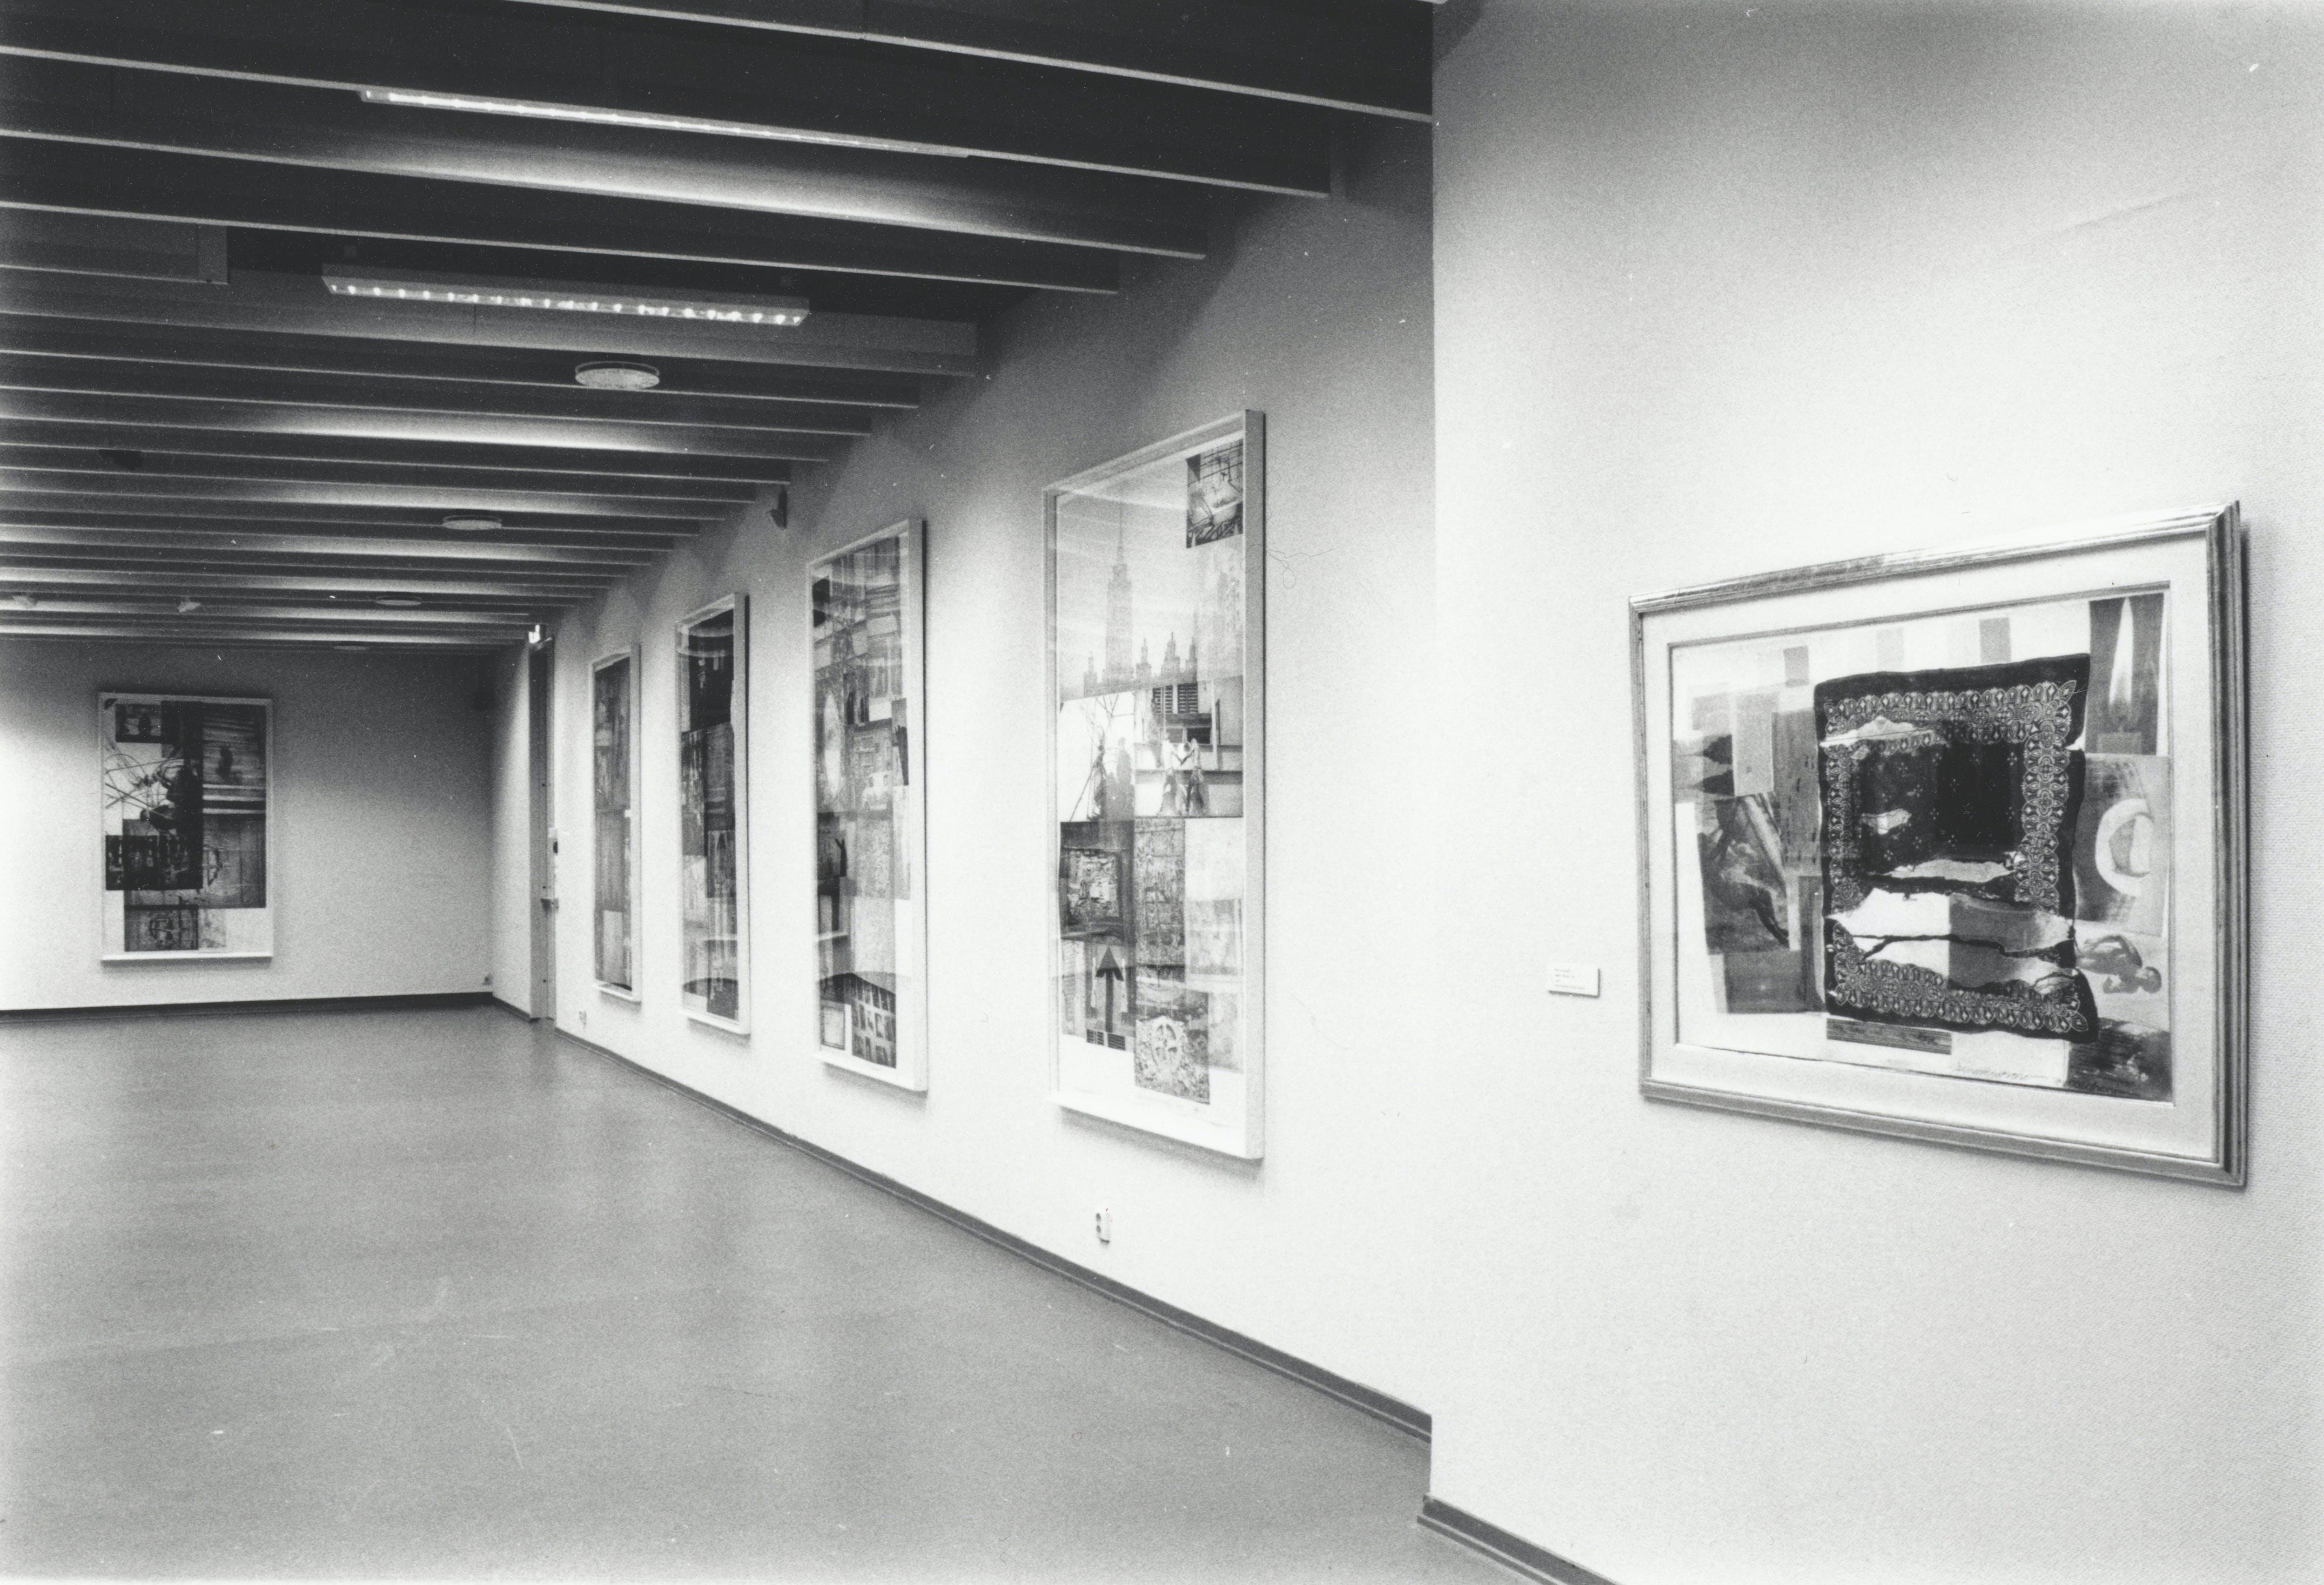 Rauschenberg003